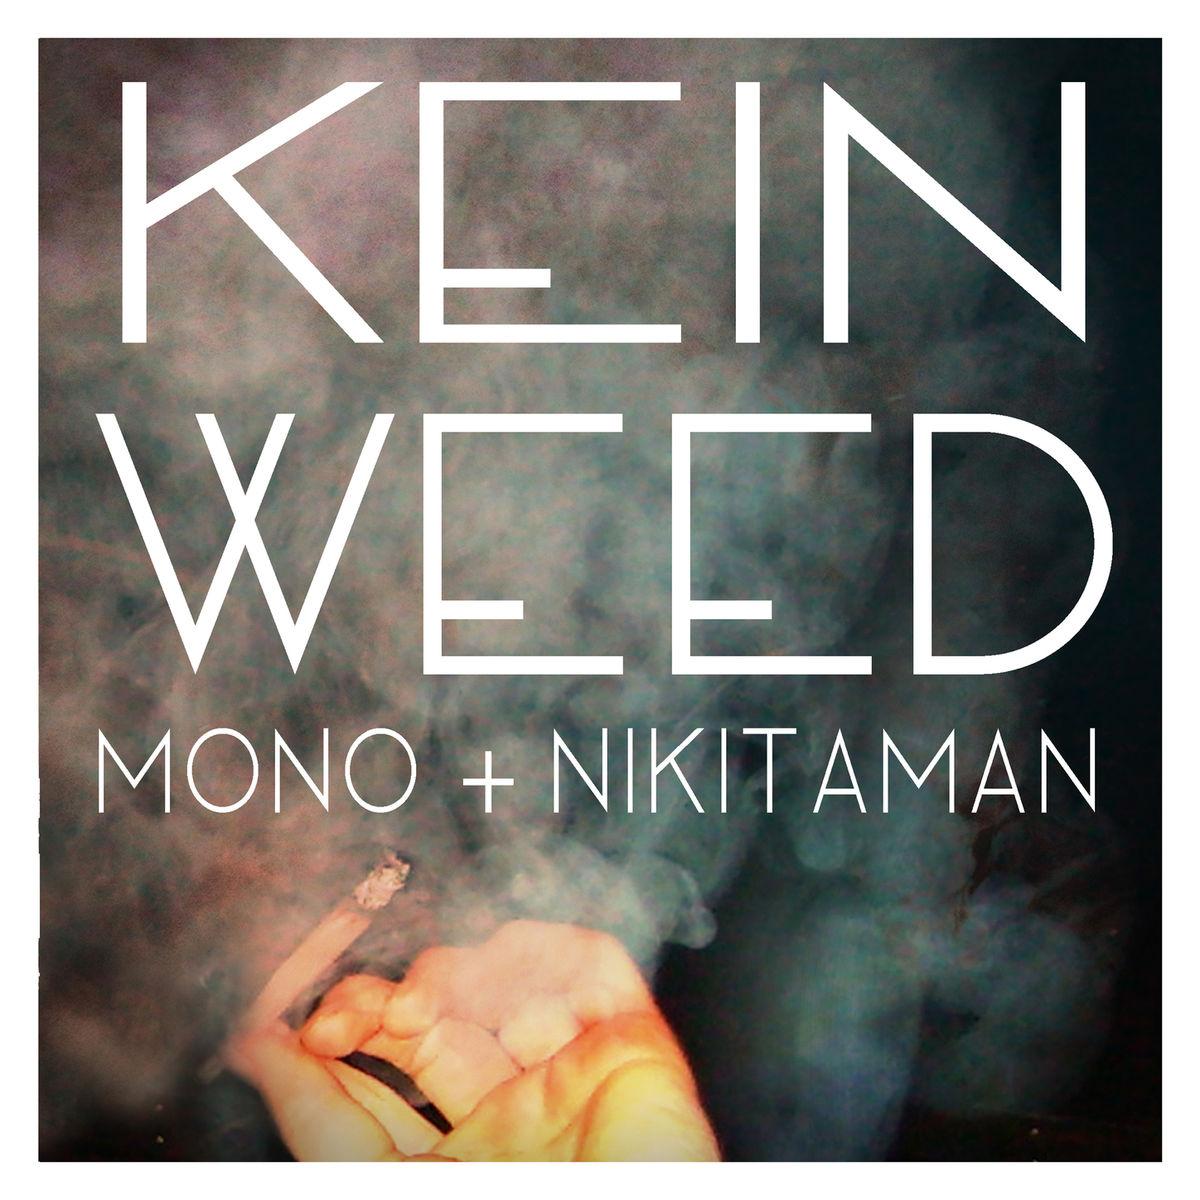 Mono Nikitaman Kein Weed Austrianchartsat